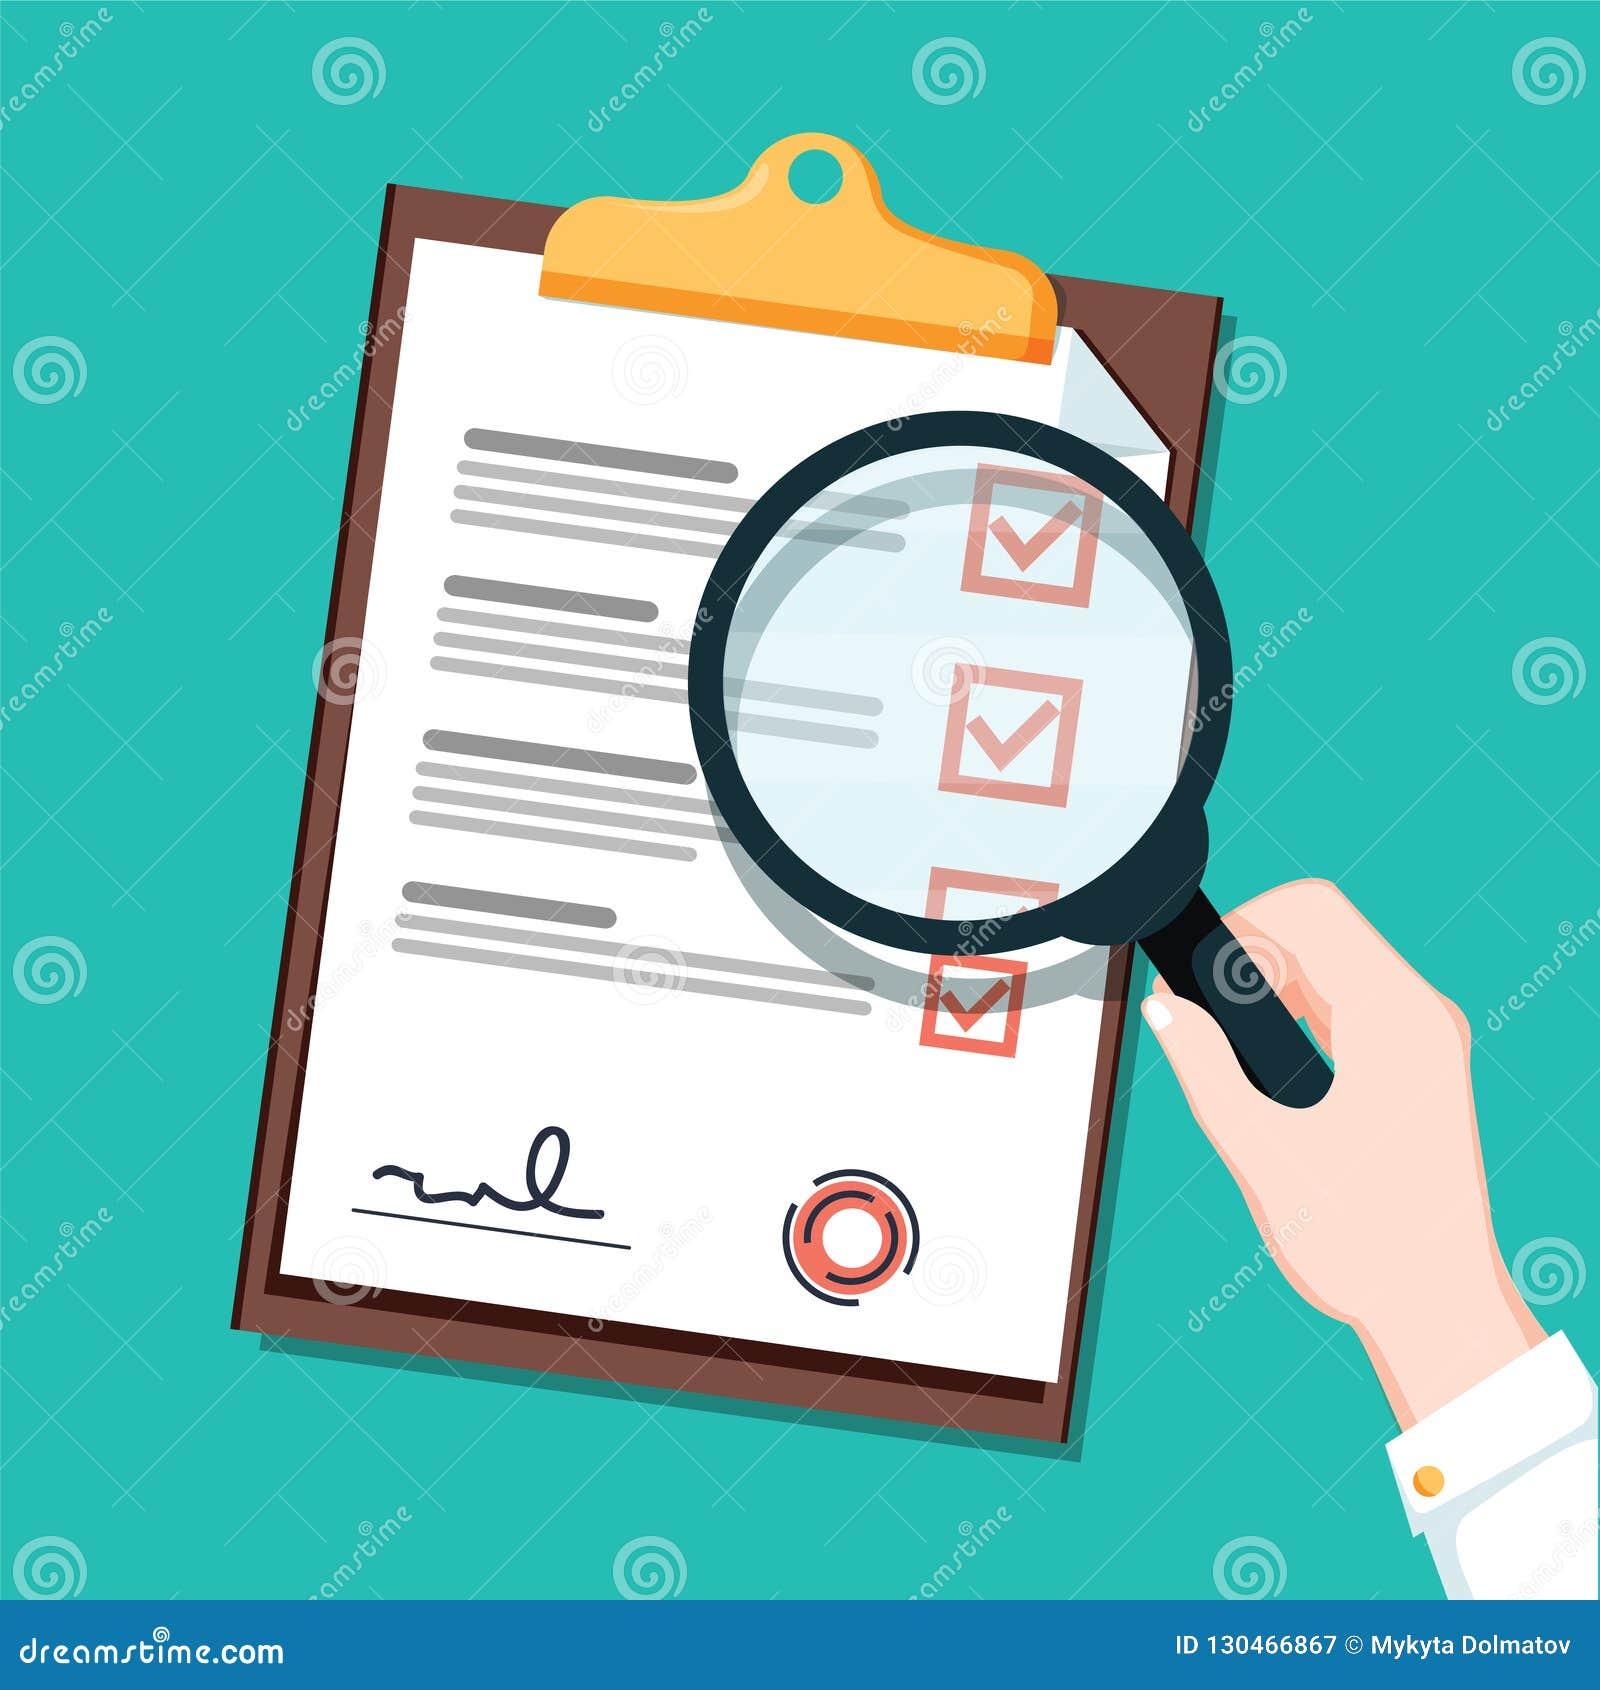 Neuer busienss Vertrag und flache Ikone Vergrößerungsglas Checkliste Dokument mit Grün tickt Prüfzeichen Checkliste und Feder